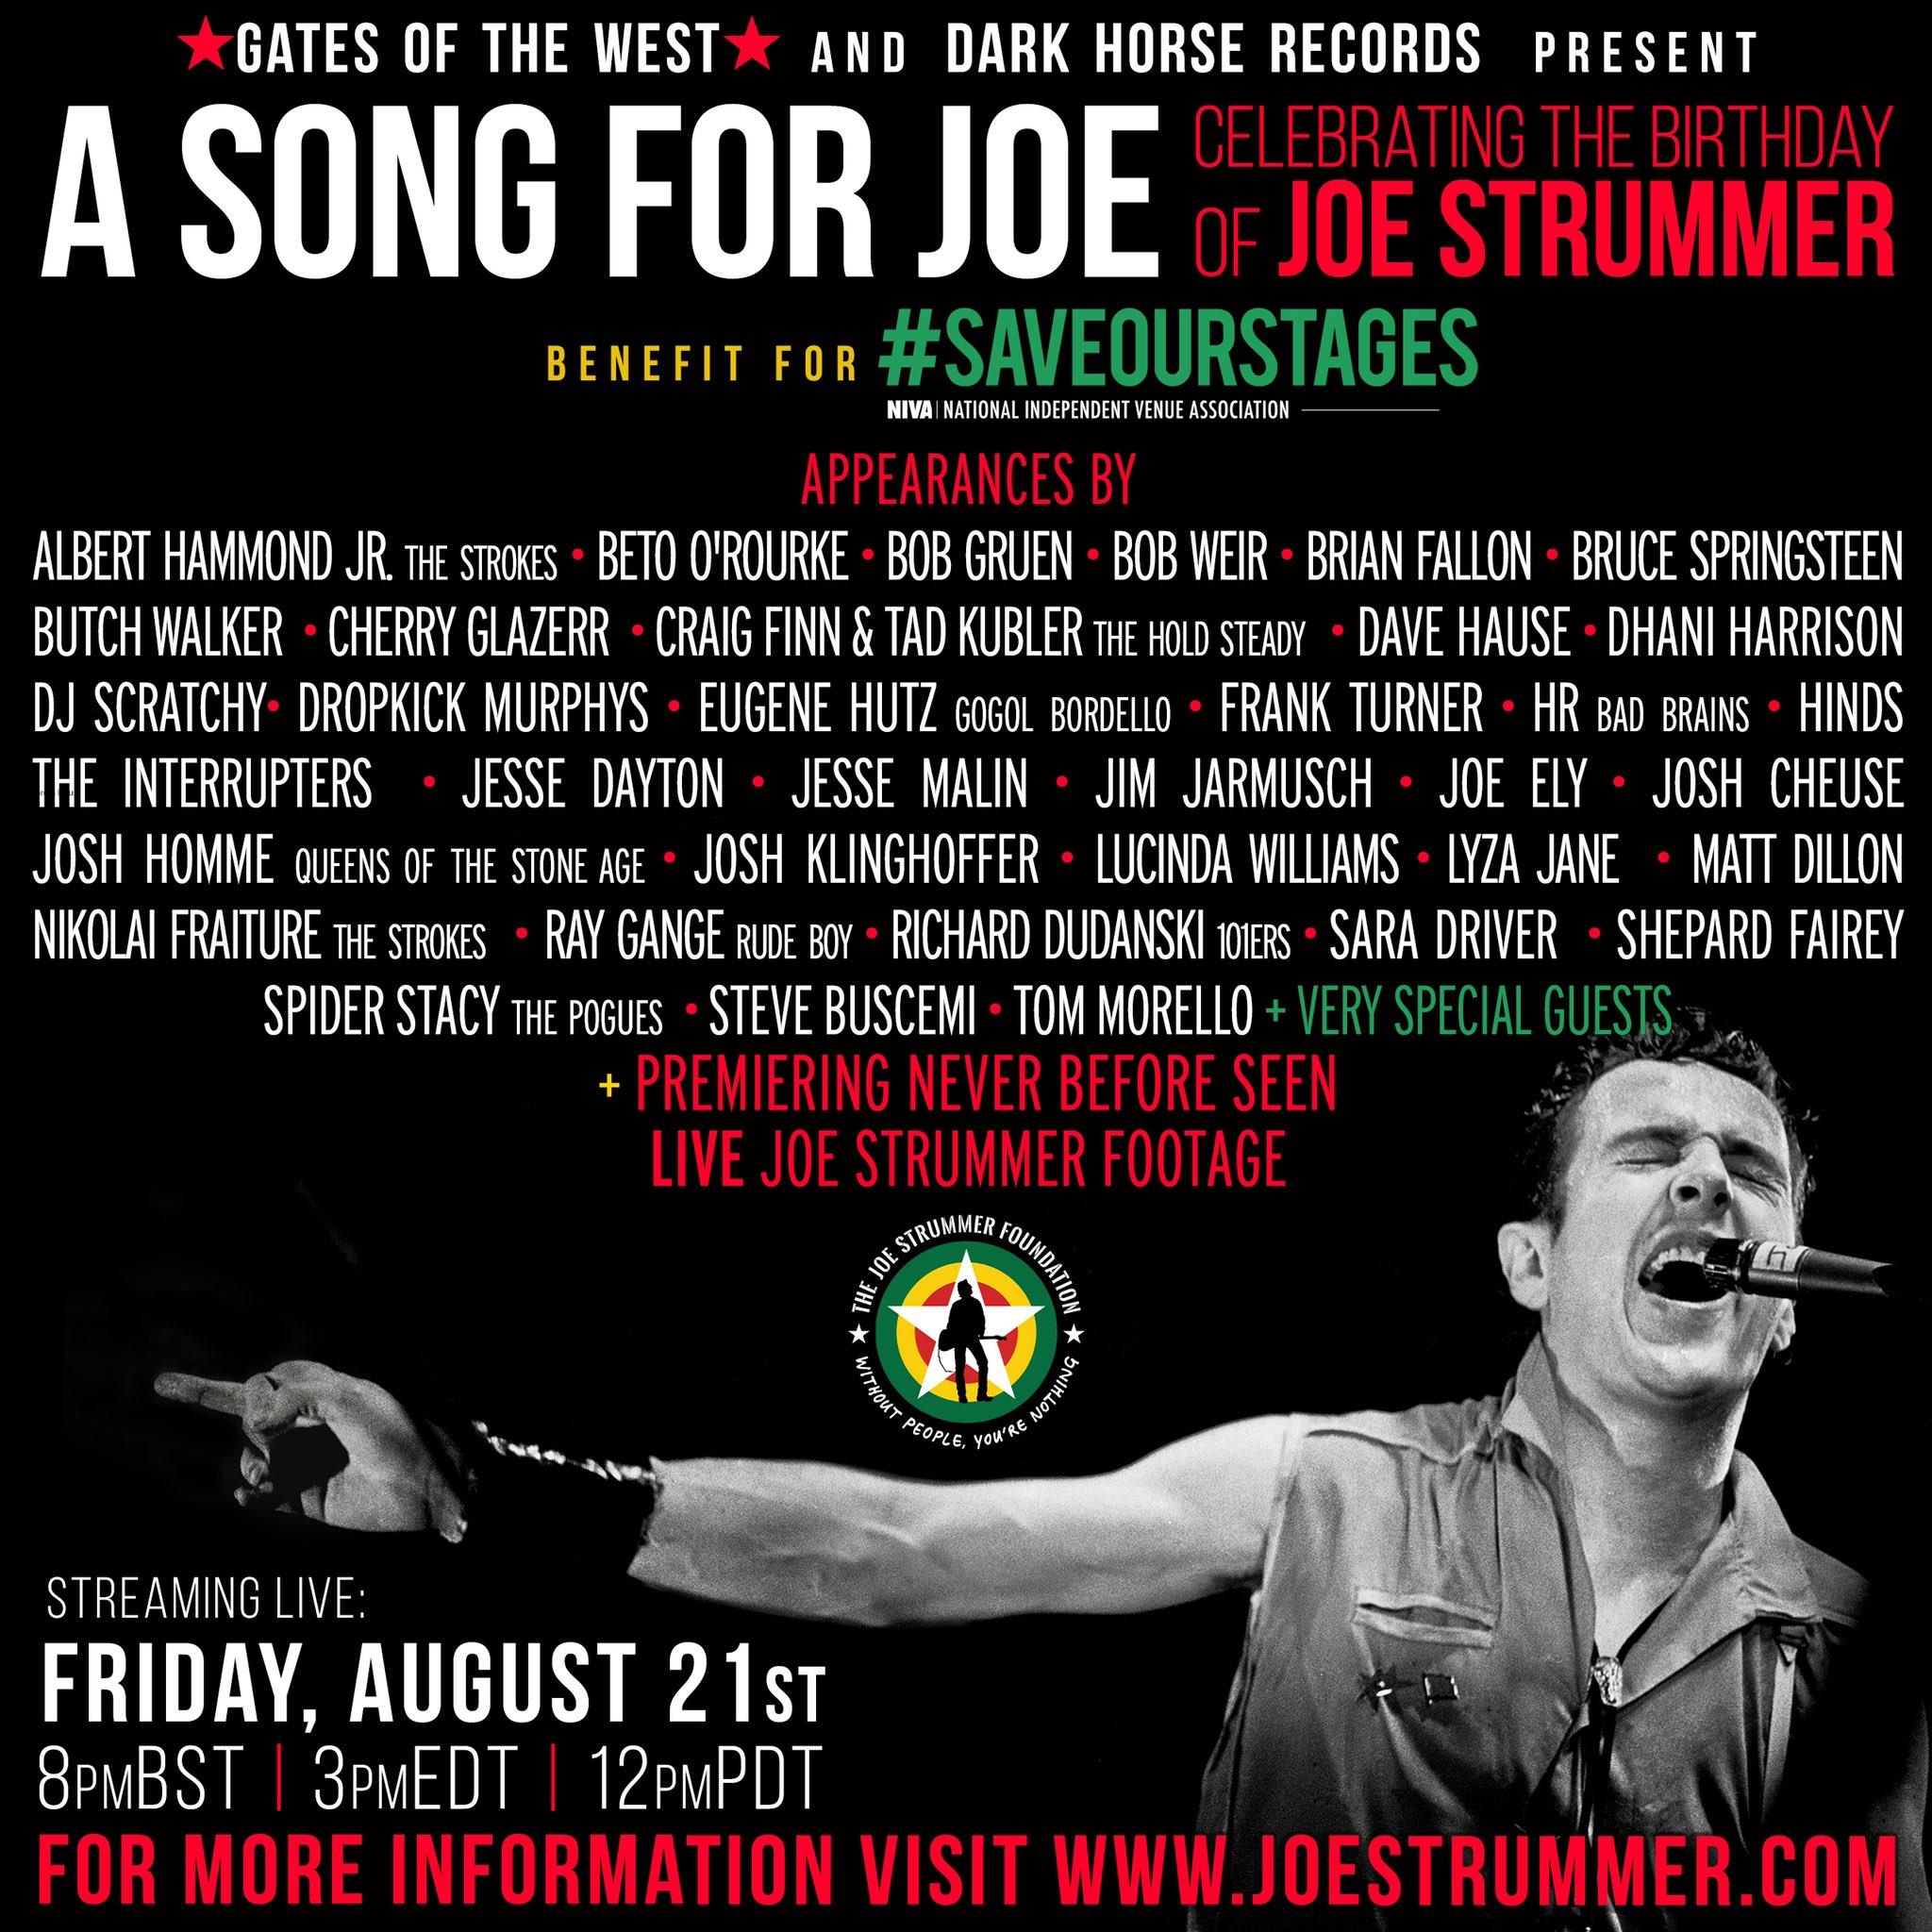 Ένα τραγούδι για τον Joe Strummer μας φέρνει πάντα πιο κοντά